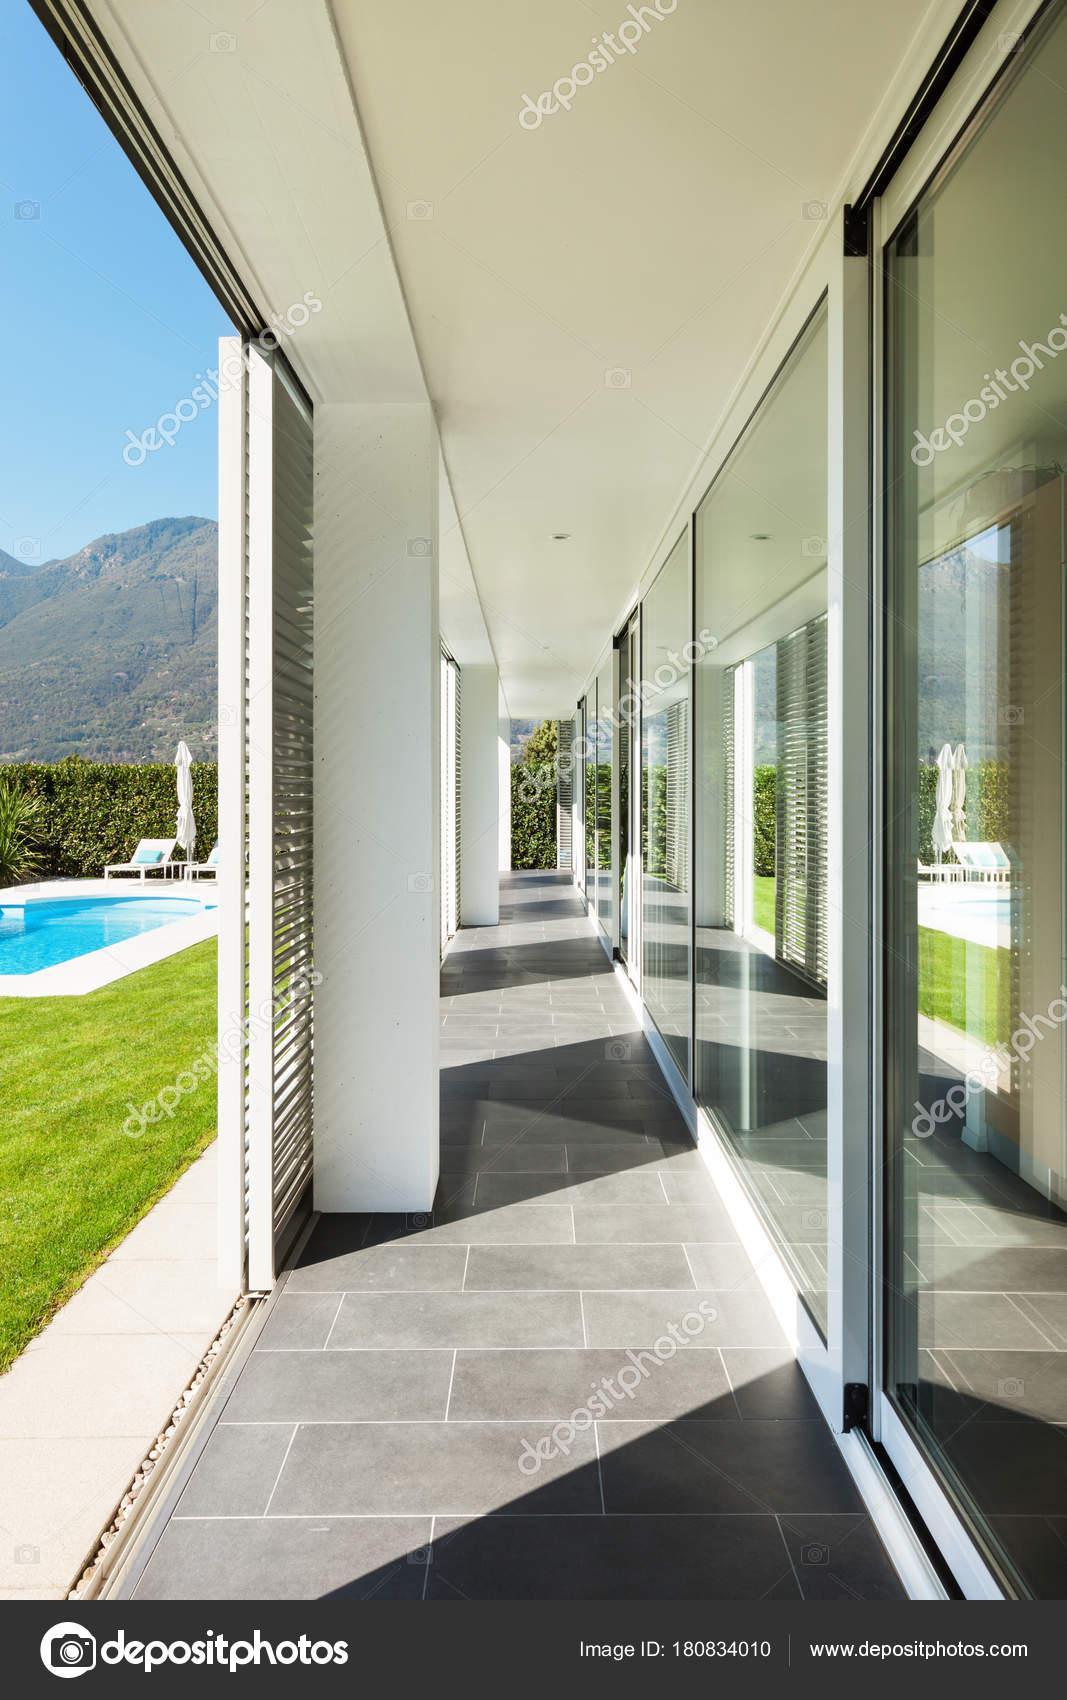 moderne Villa mit pool — Stockfoto © Zveiger #180834010